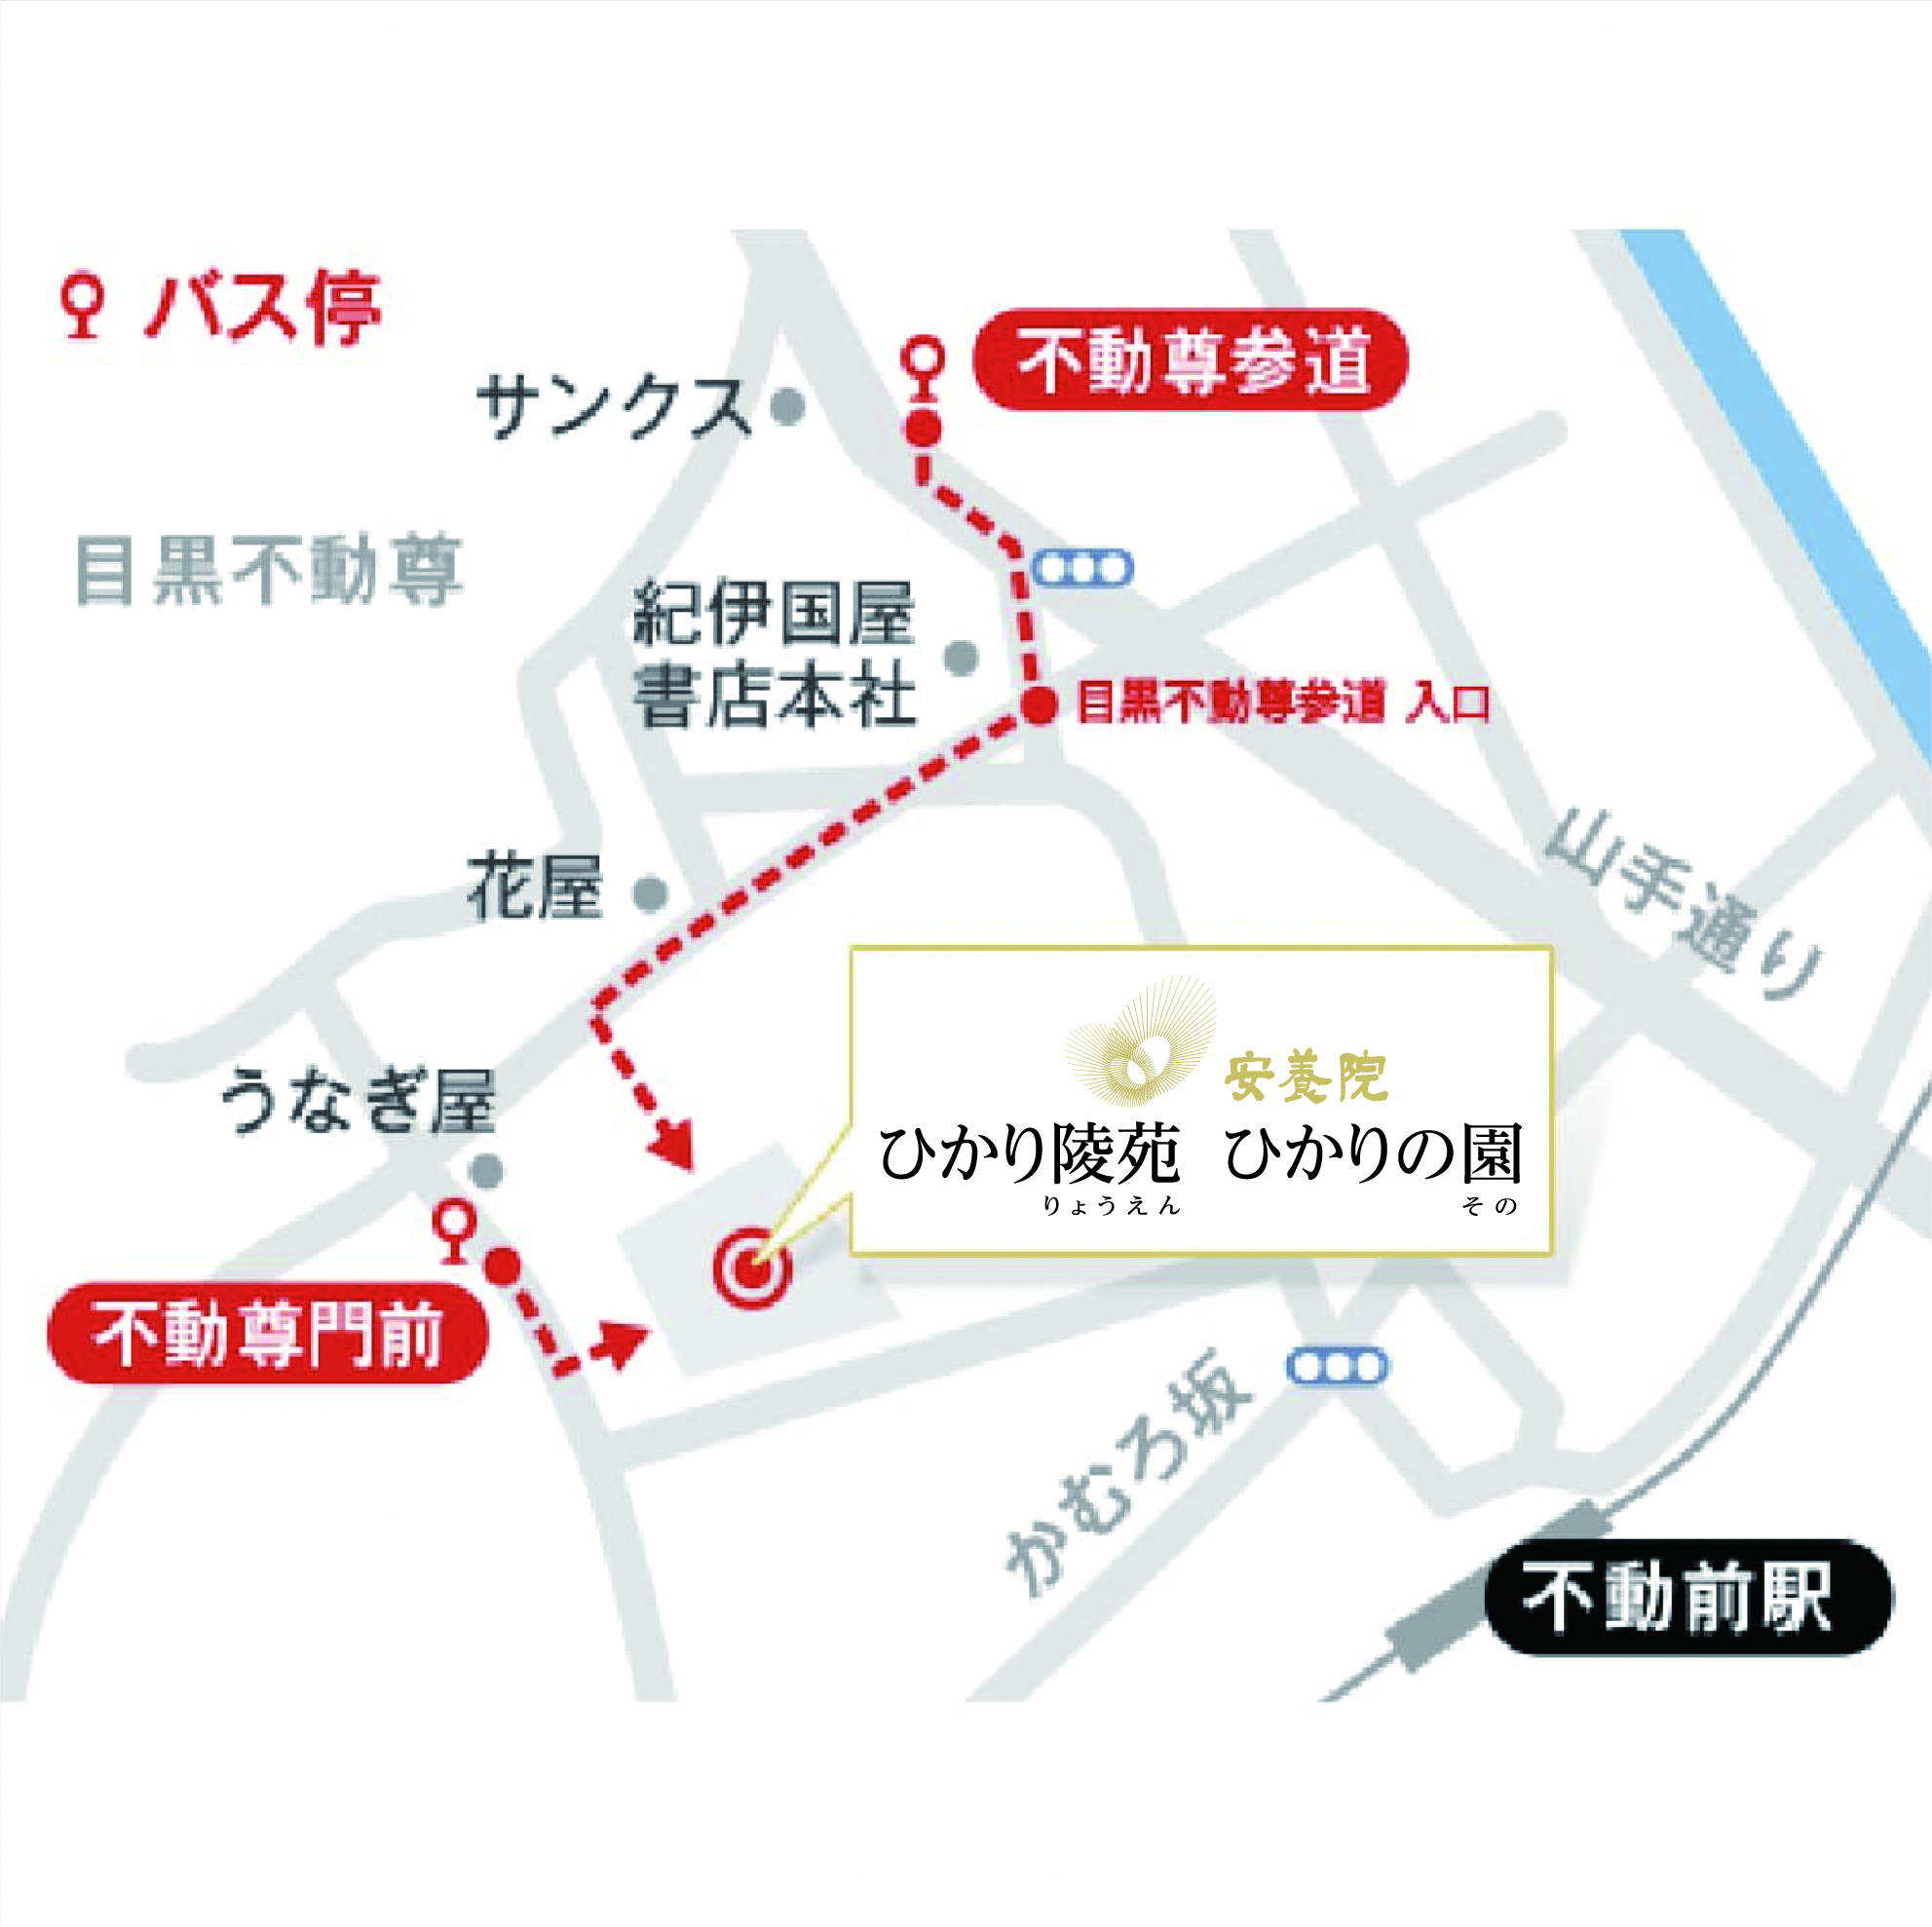 ひかり陵苑までの簡易マップ